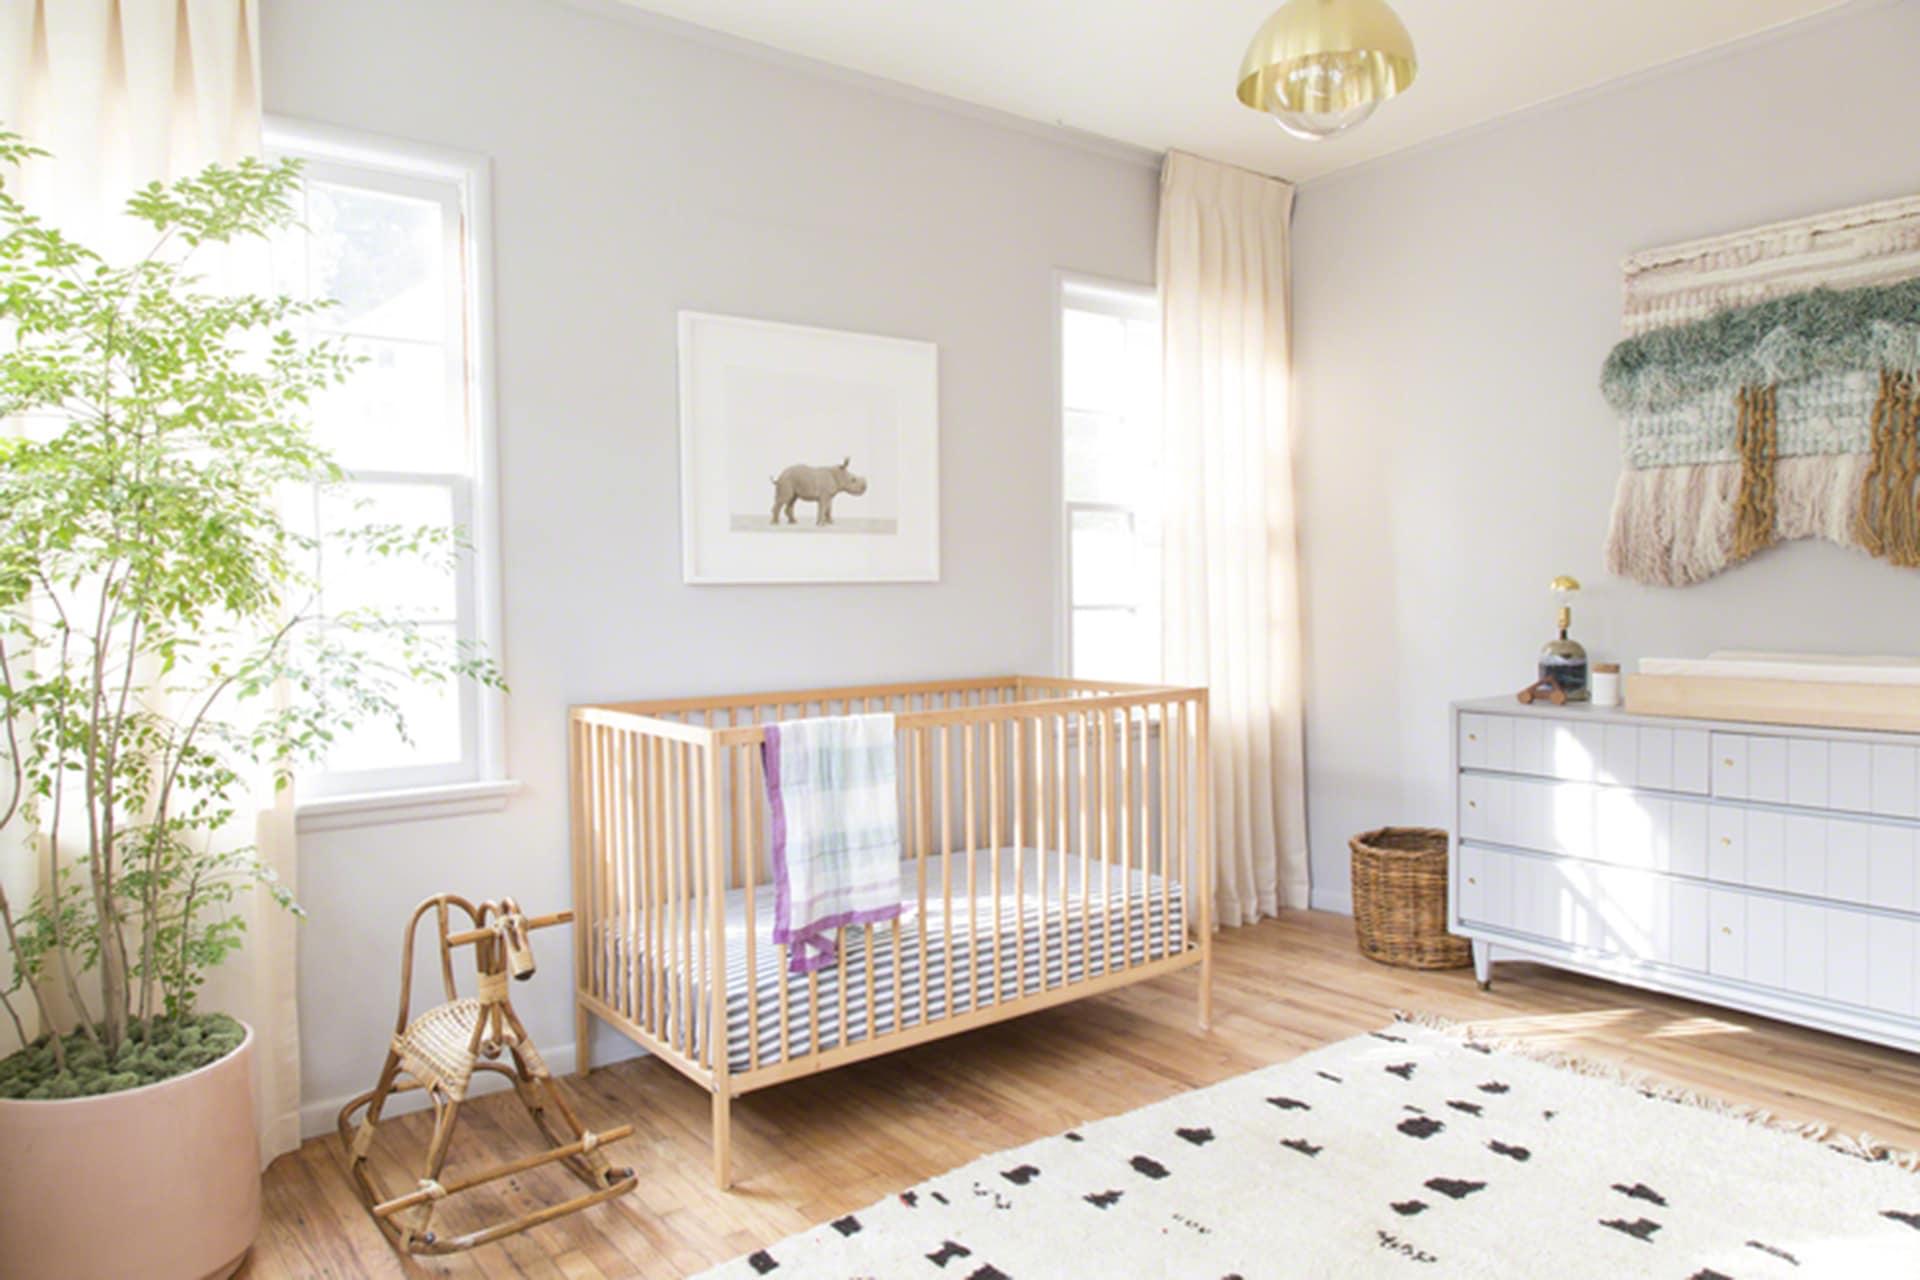 Galer a para decoraci n habitaci n de beb m s de 40 for Decoracion habitacion bebe